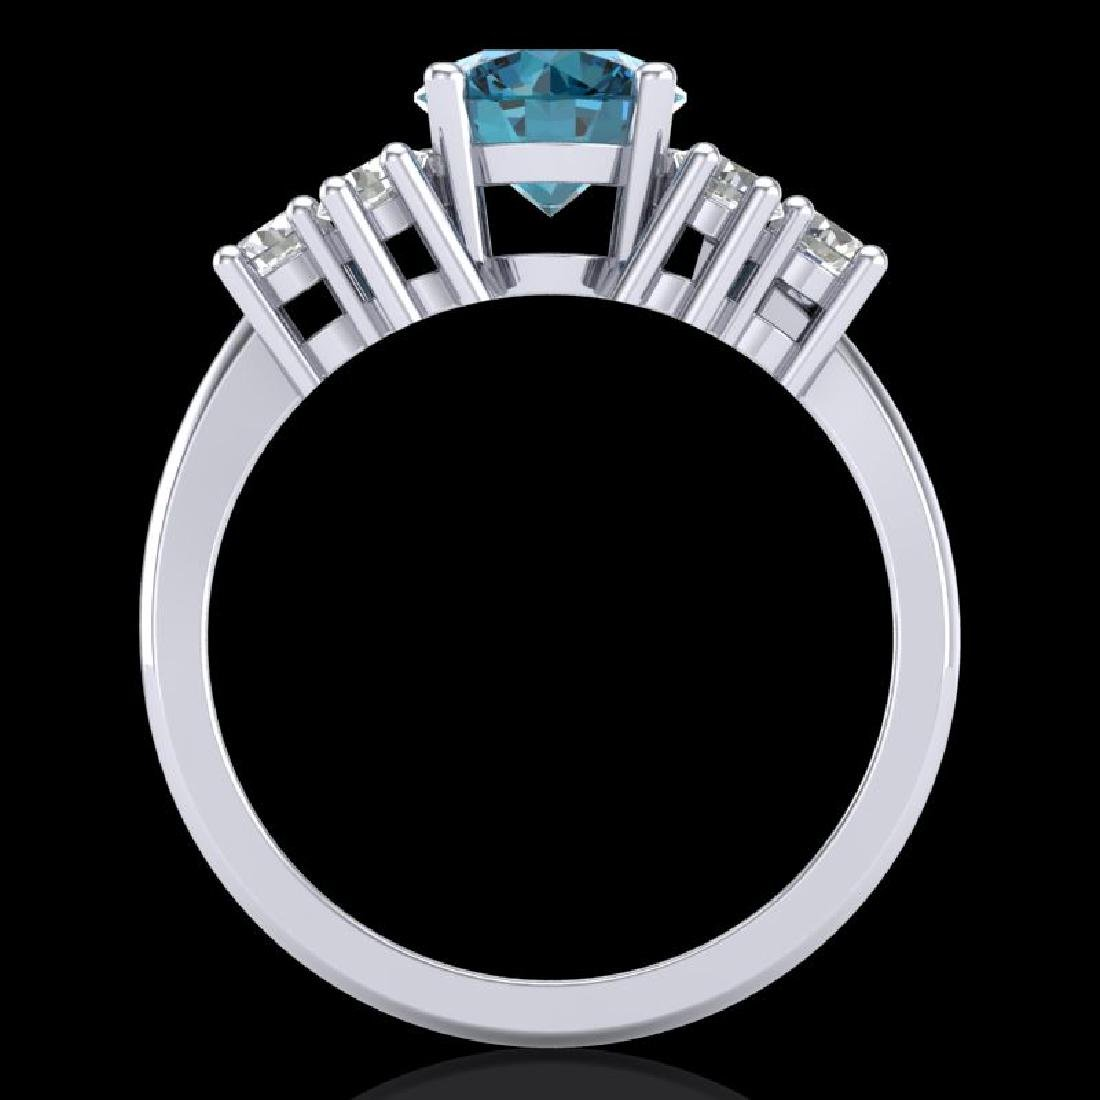 2.1 CTW Intense Blue Diamond Solitaire Engagement - 3